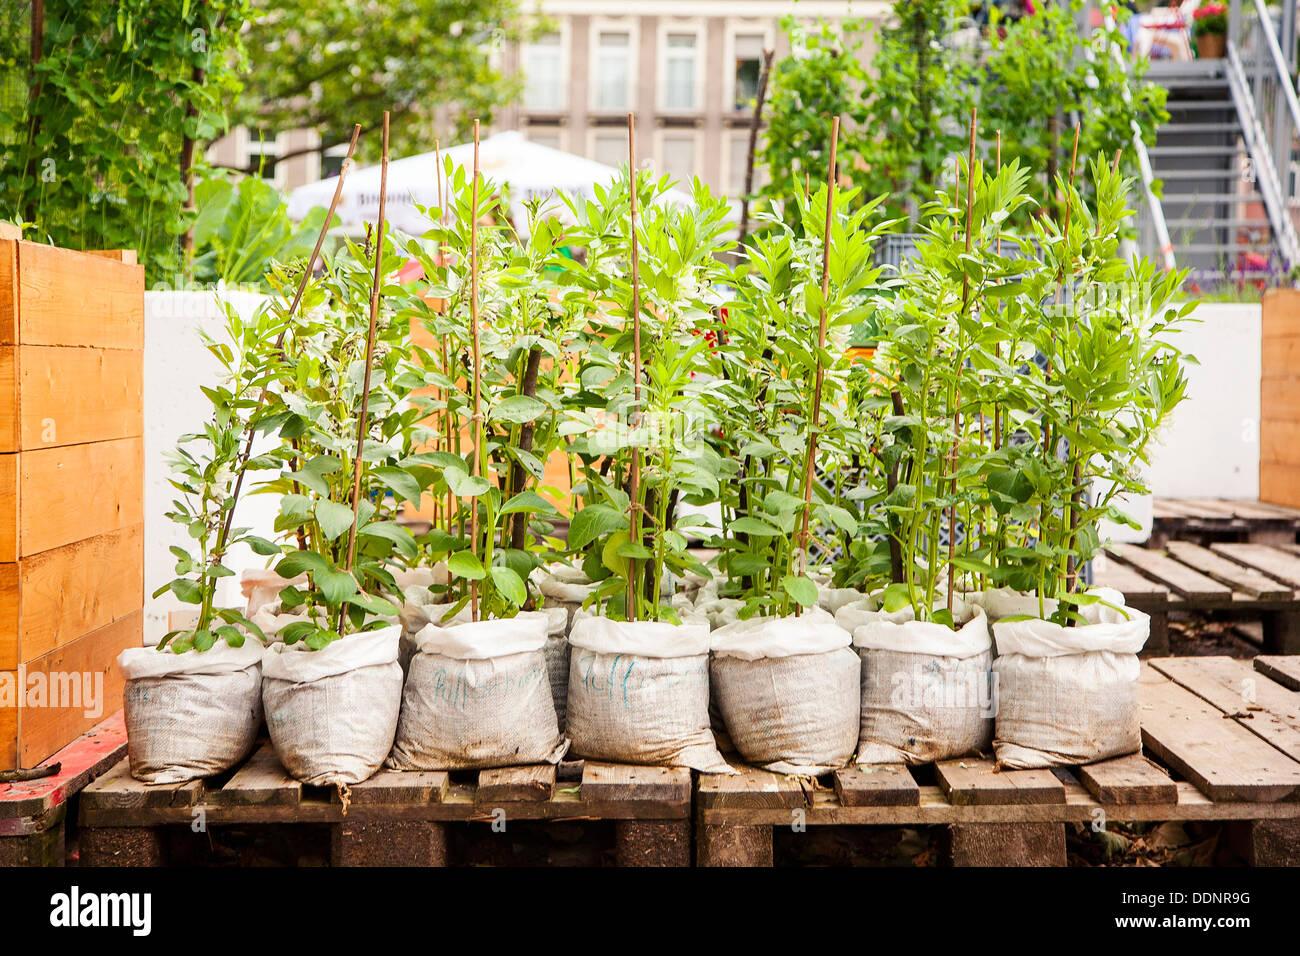 En jardinería, Frankfurt am Main, Hesse, Alemania, Europa Imagen De Stock